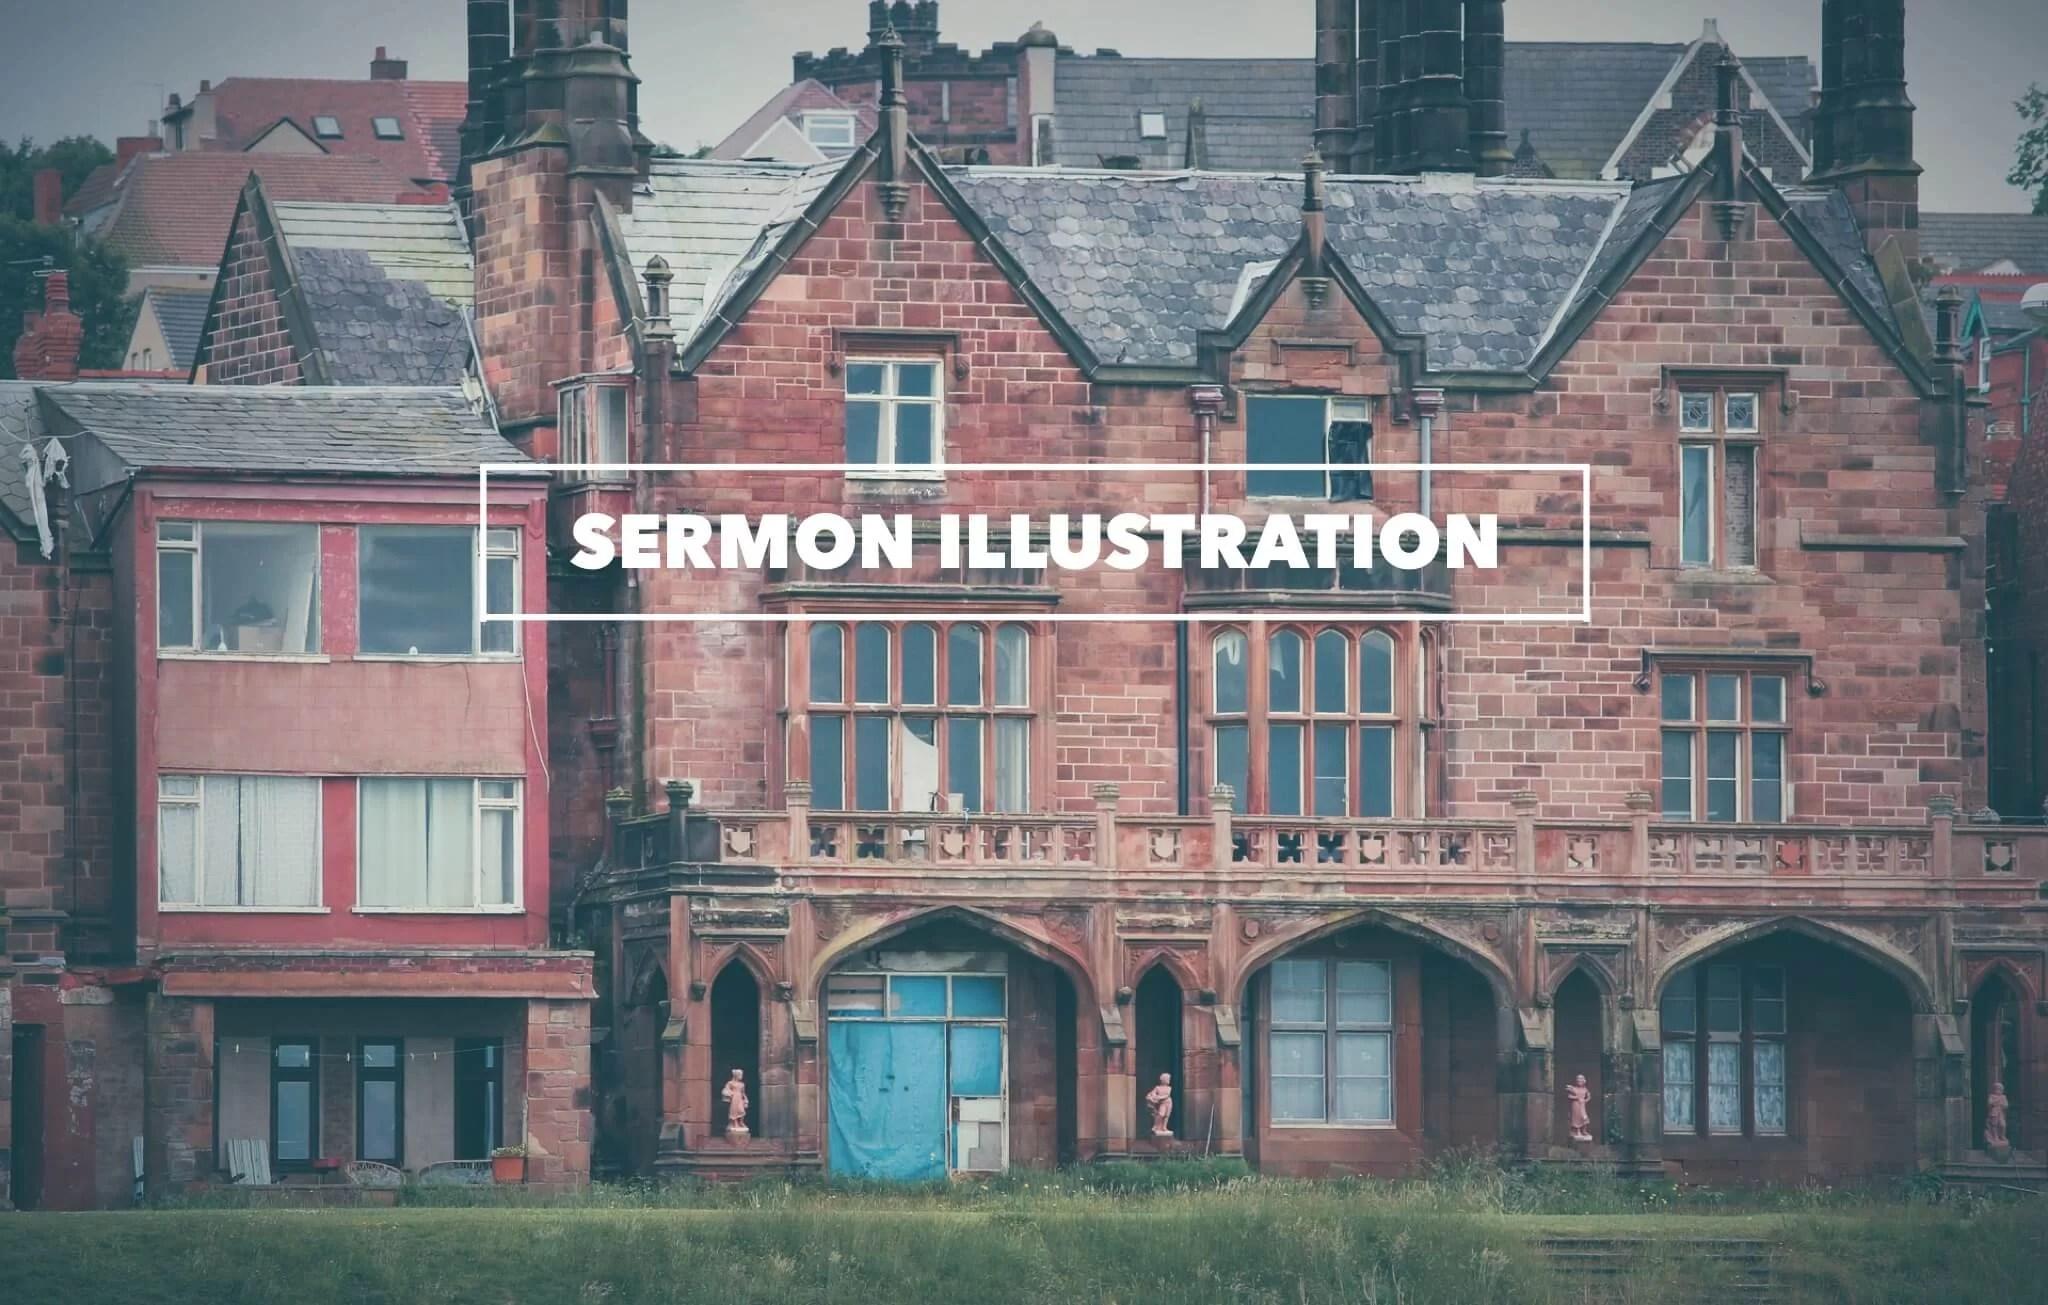 sermon illustration on purpose